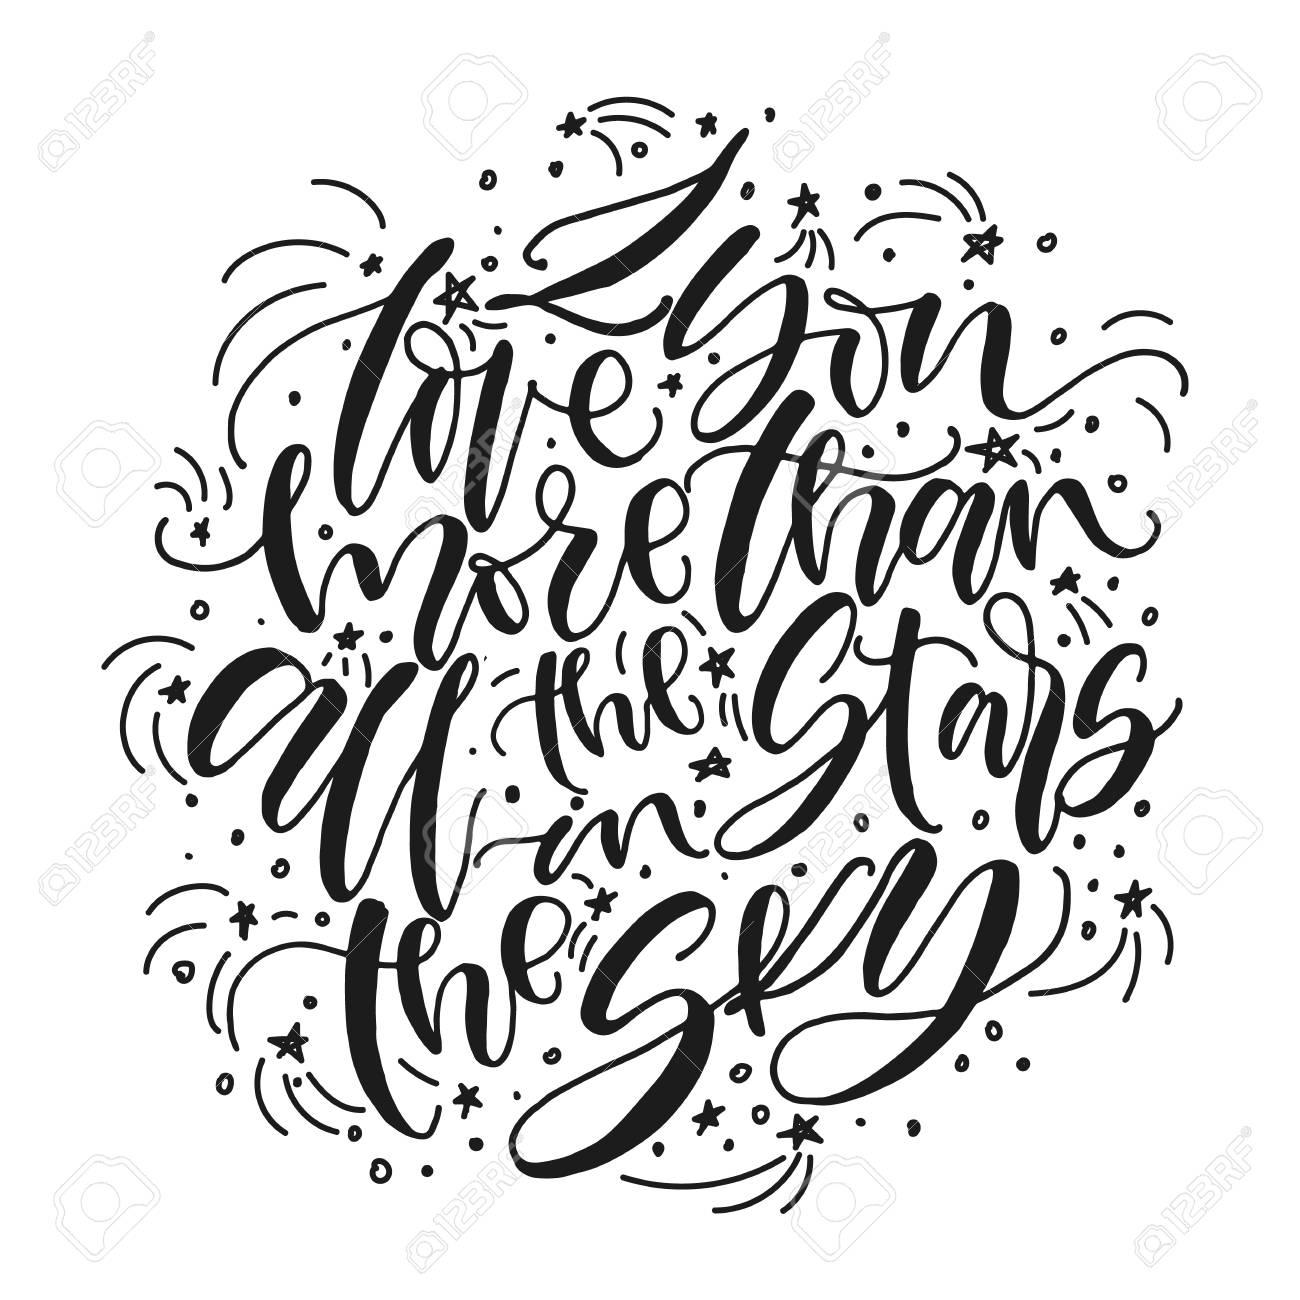 Te Amo Más Que Todas Las Estrellas En El Cielo Mano Escrita Frase Romántica En Blanco Y Negro Amor Cartel Del Día De San Valentín